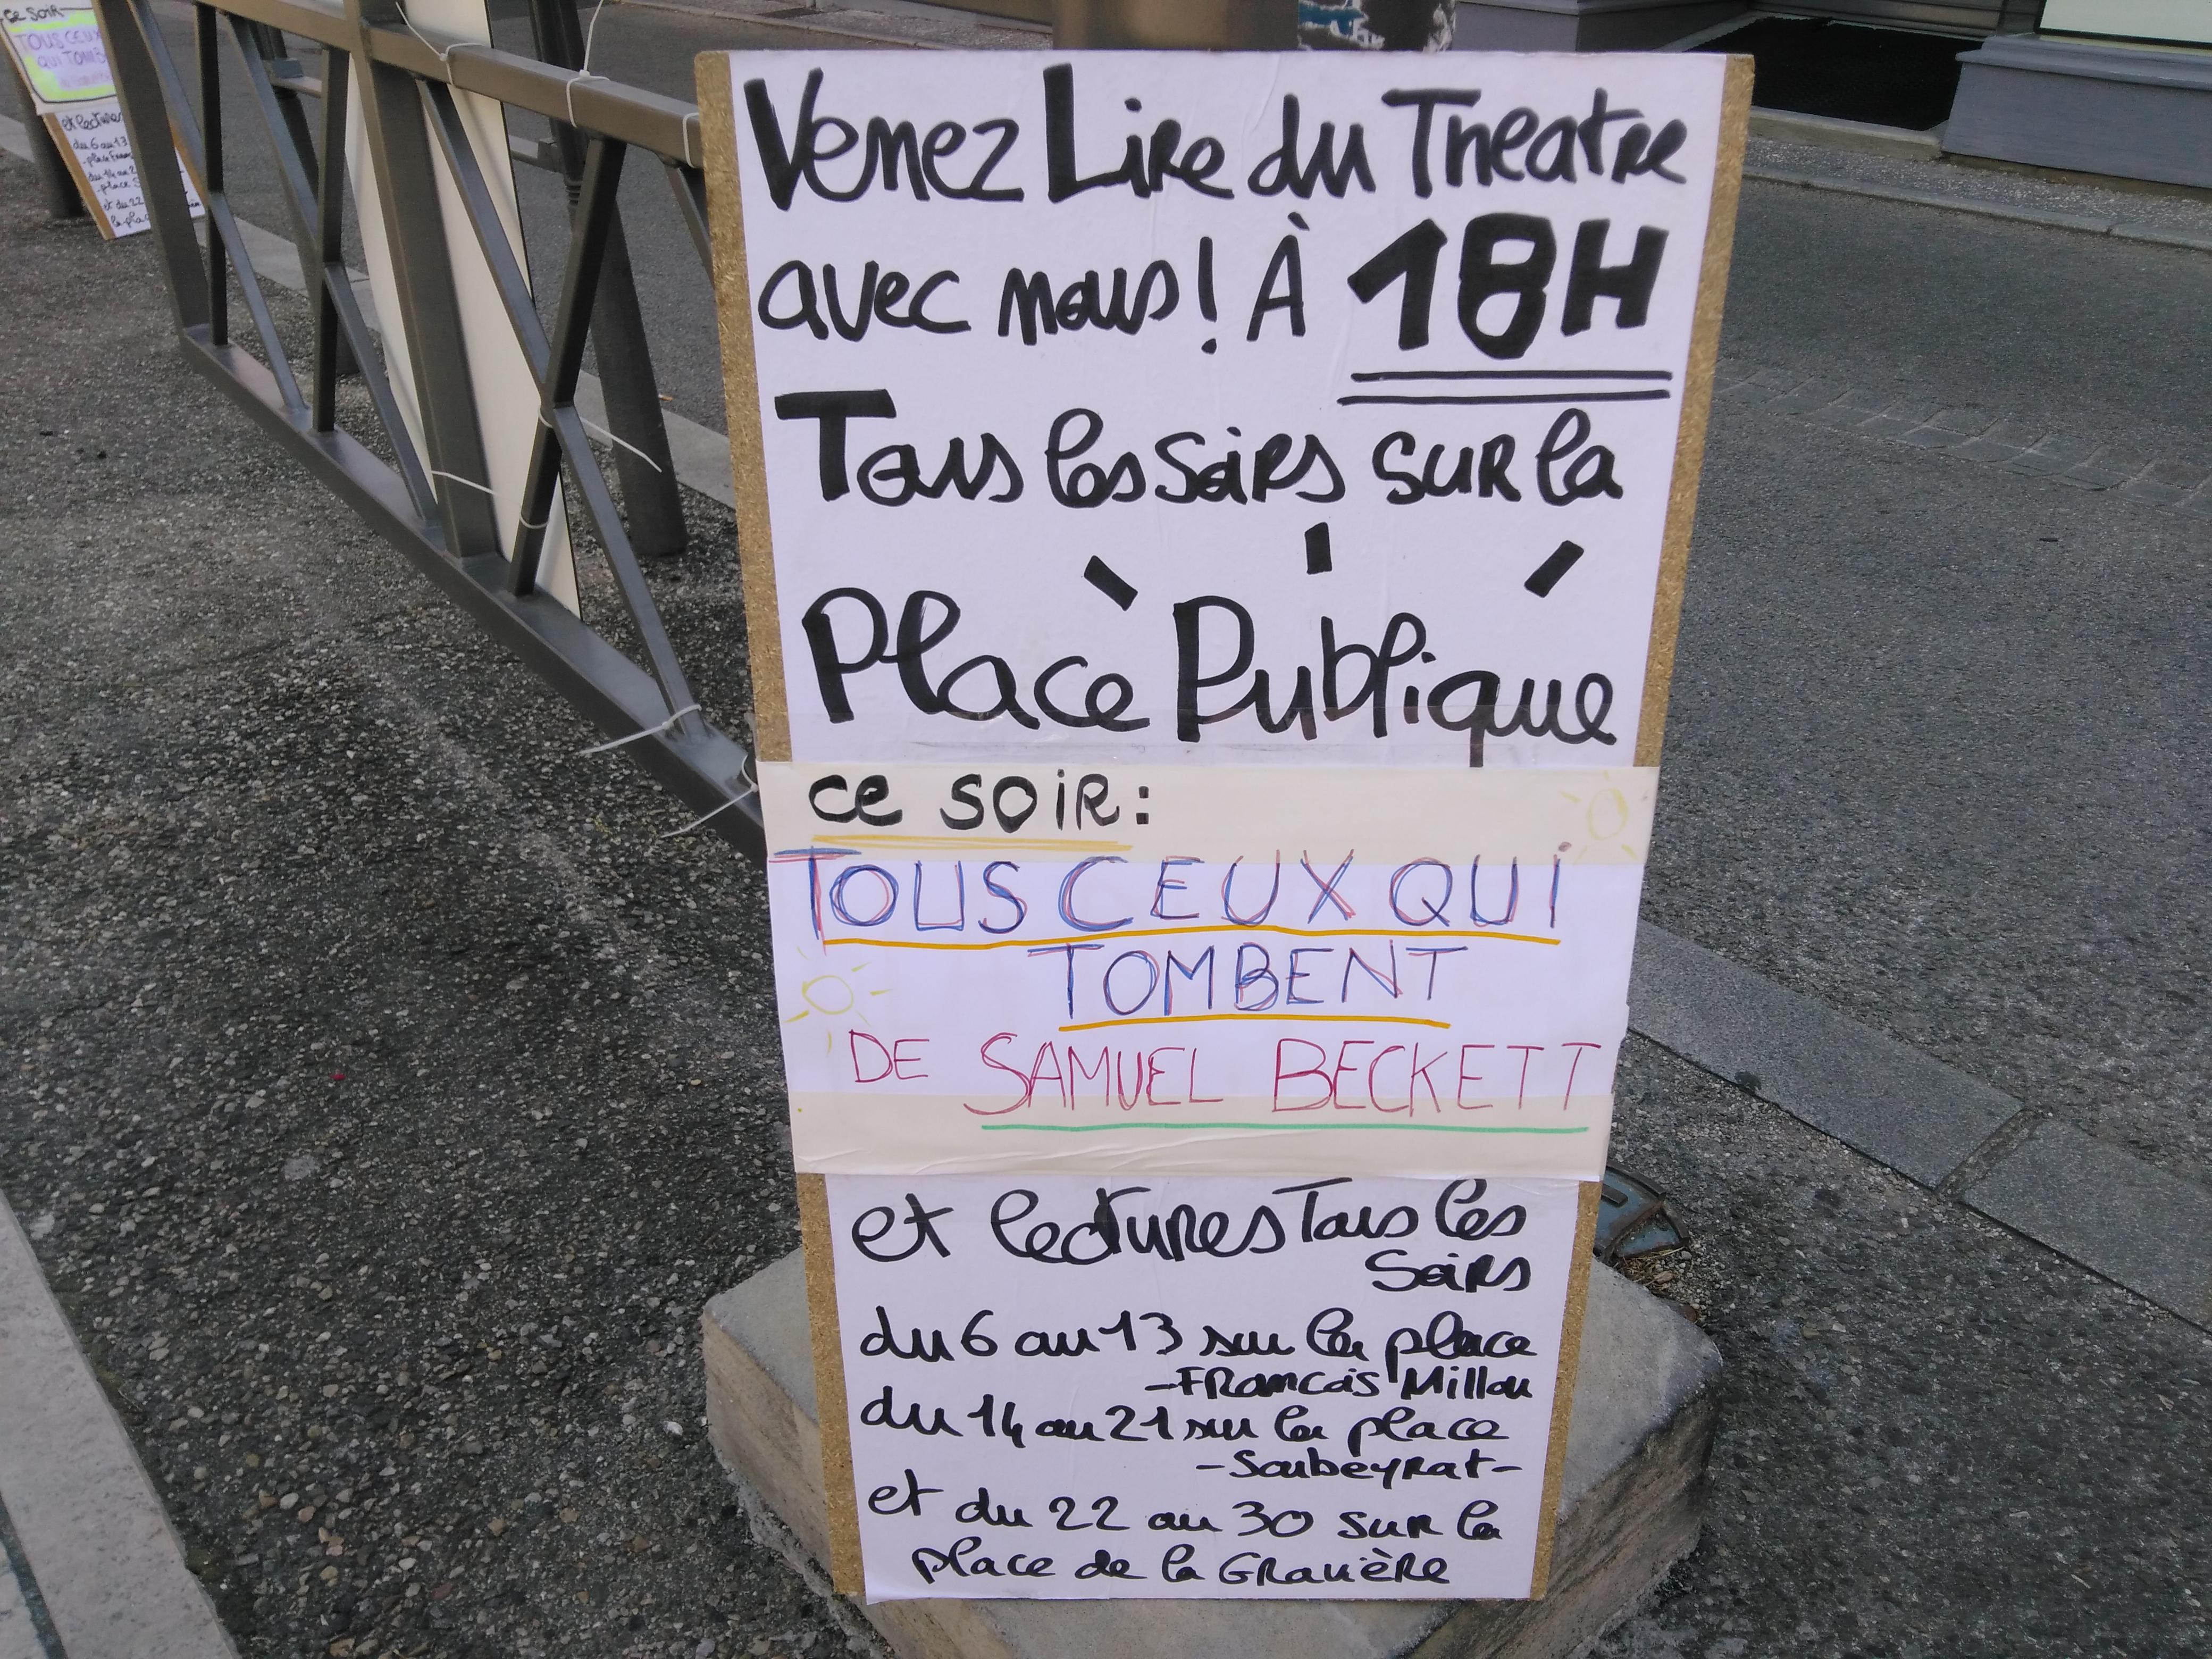 Dimanche 11 juin – lecture de TOUS CEUX QUI TOMBENT de Samuel Beckett – à 18h place François Millou à Sainte-Foy-lès-Lyon ! Dans 13 minutes!